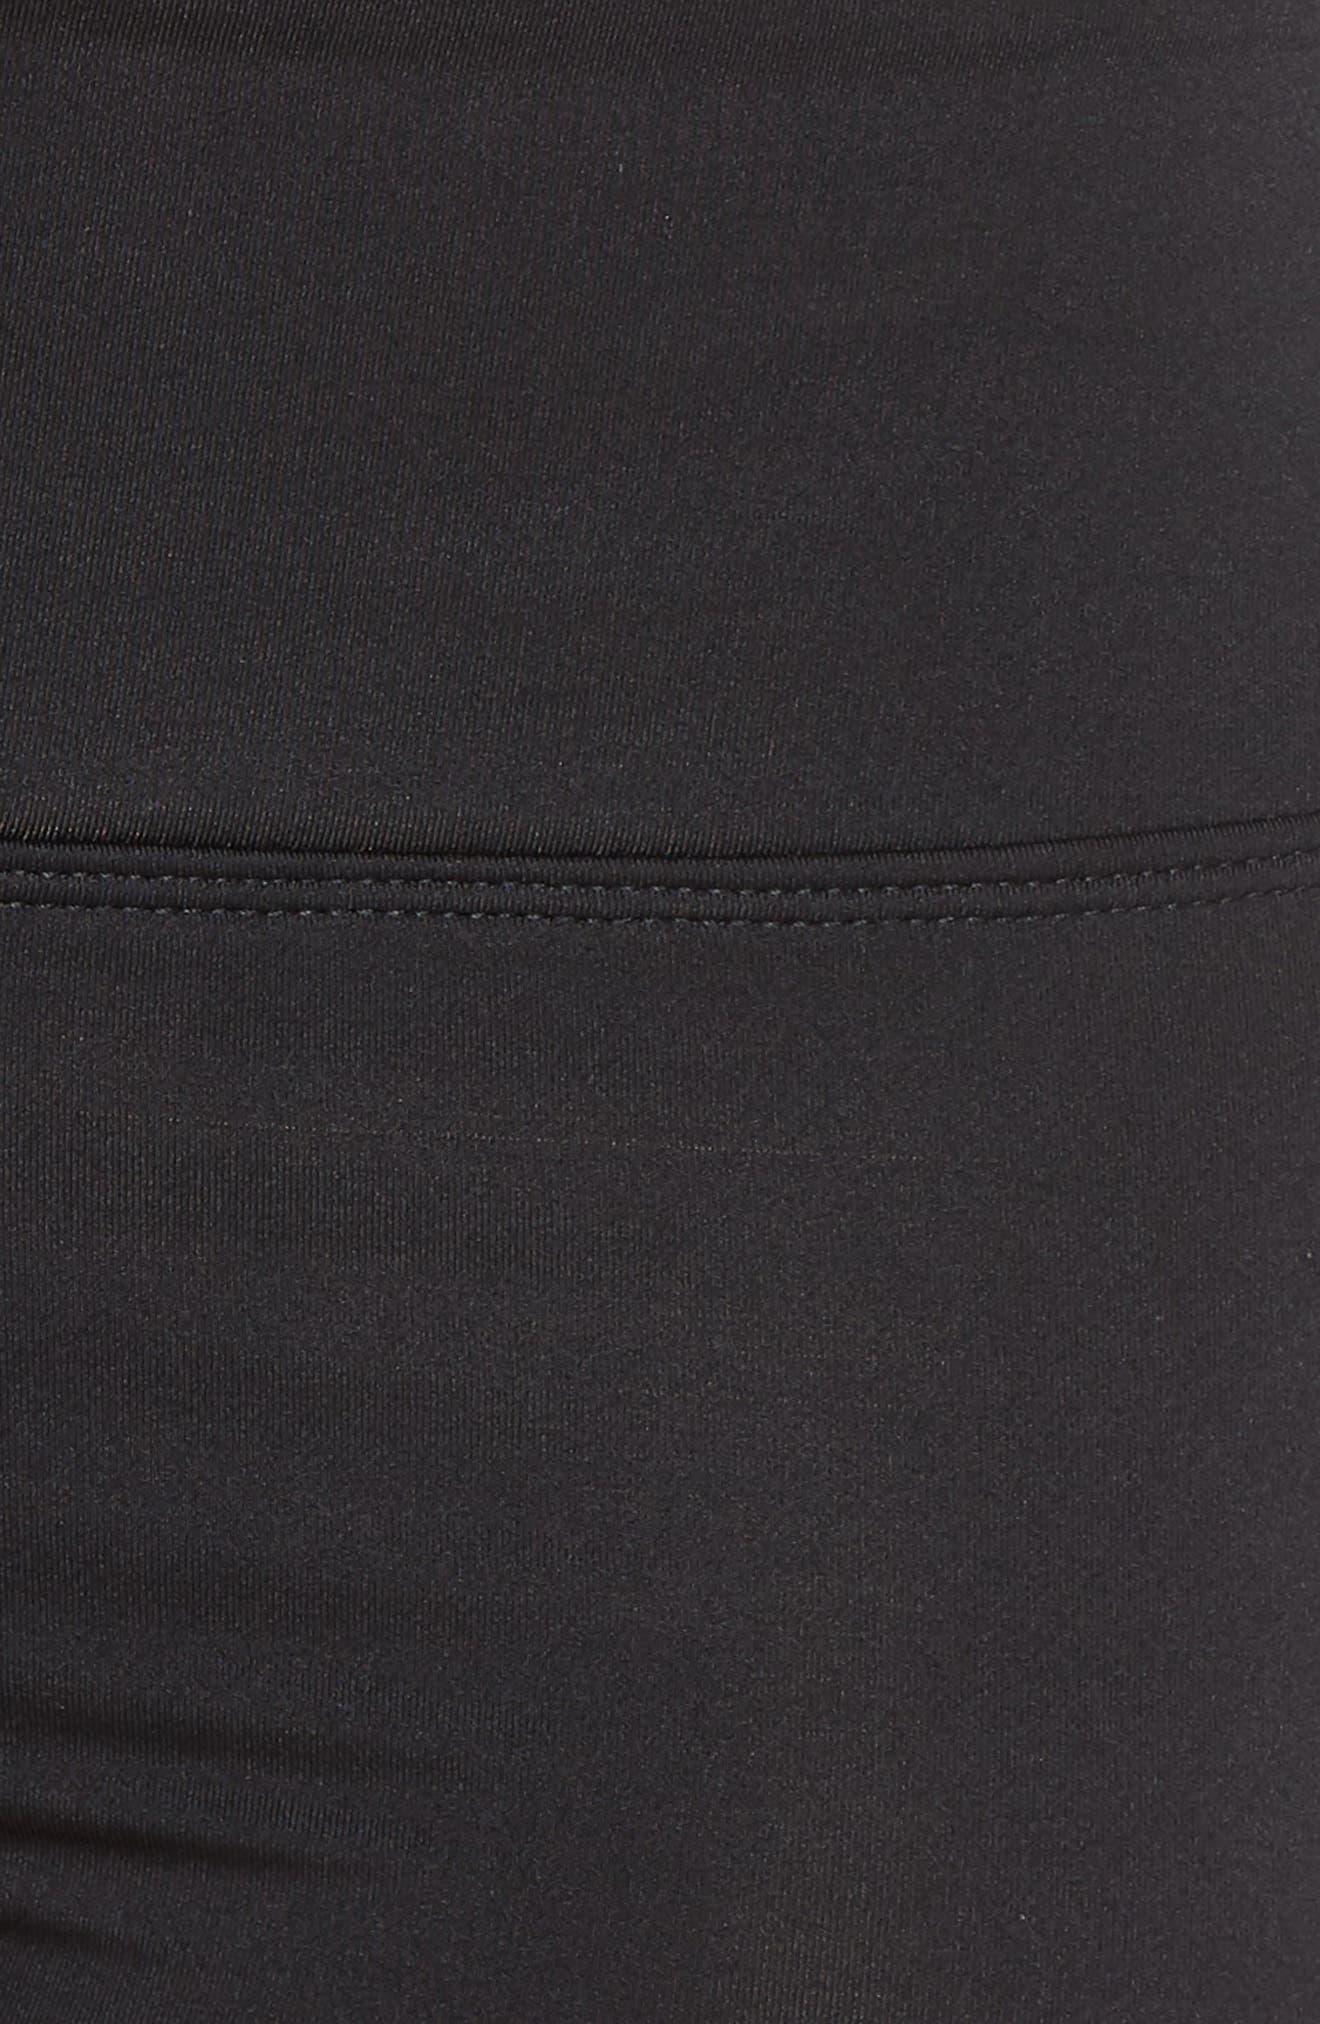 NIKE, Kick Swim Shorts, Alternate thumbnail 6, color, BLACK